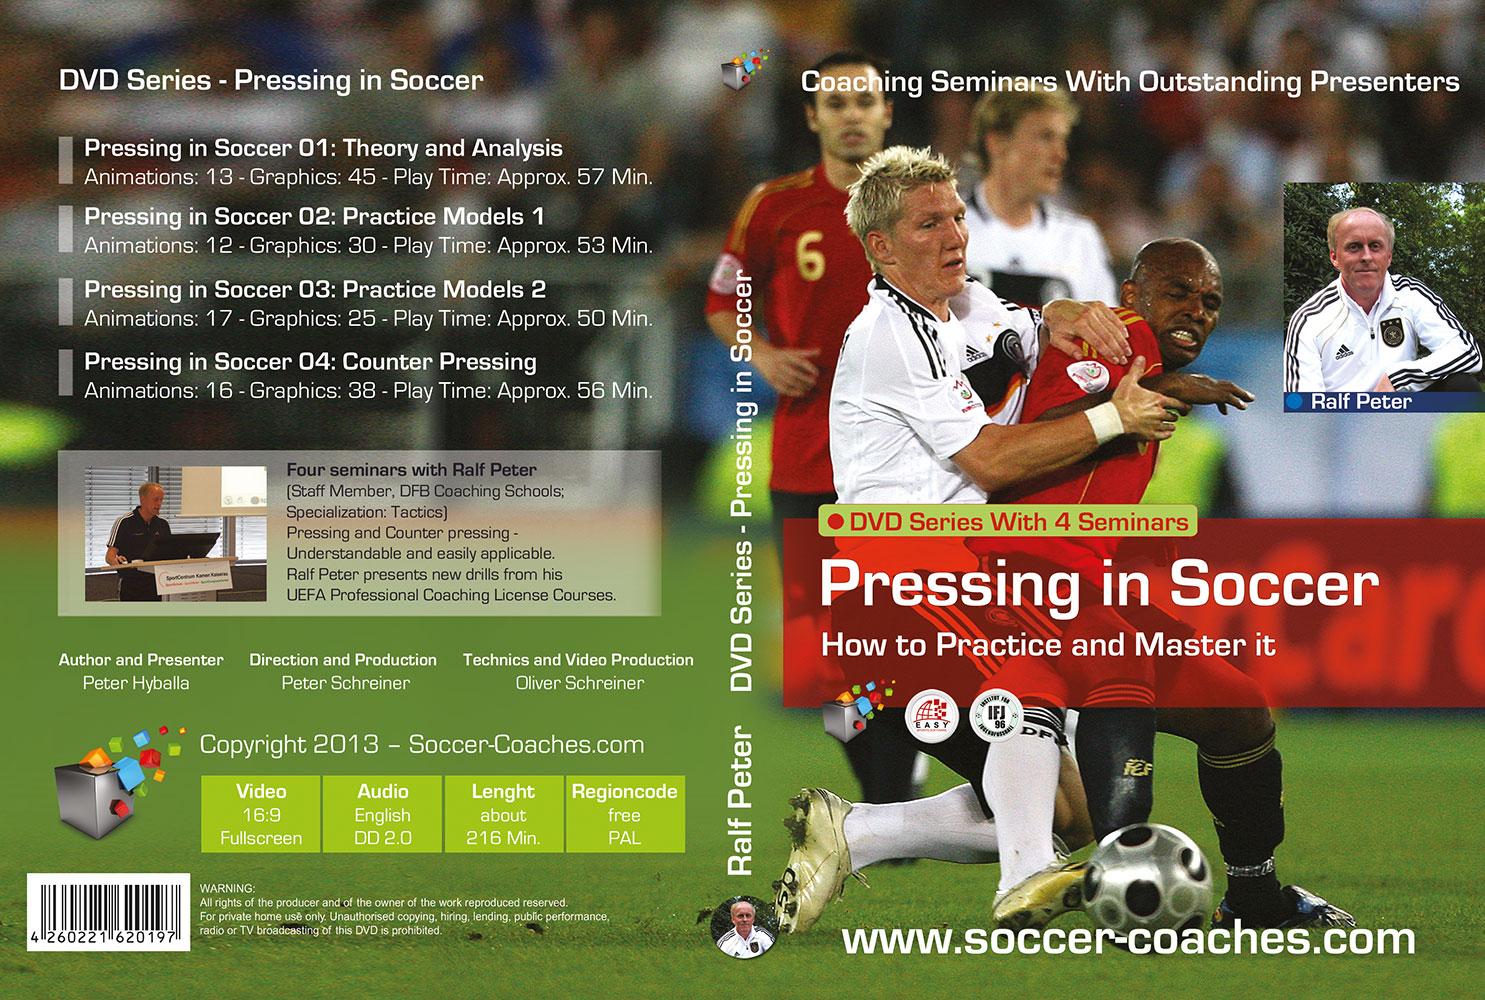 60571_Pressing_in_Soccer_EN_Cover